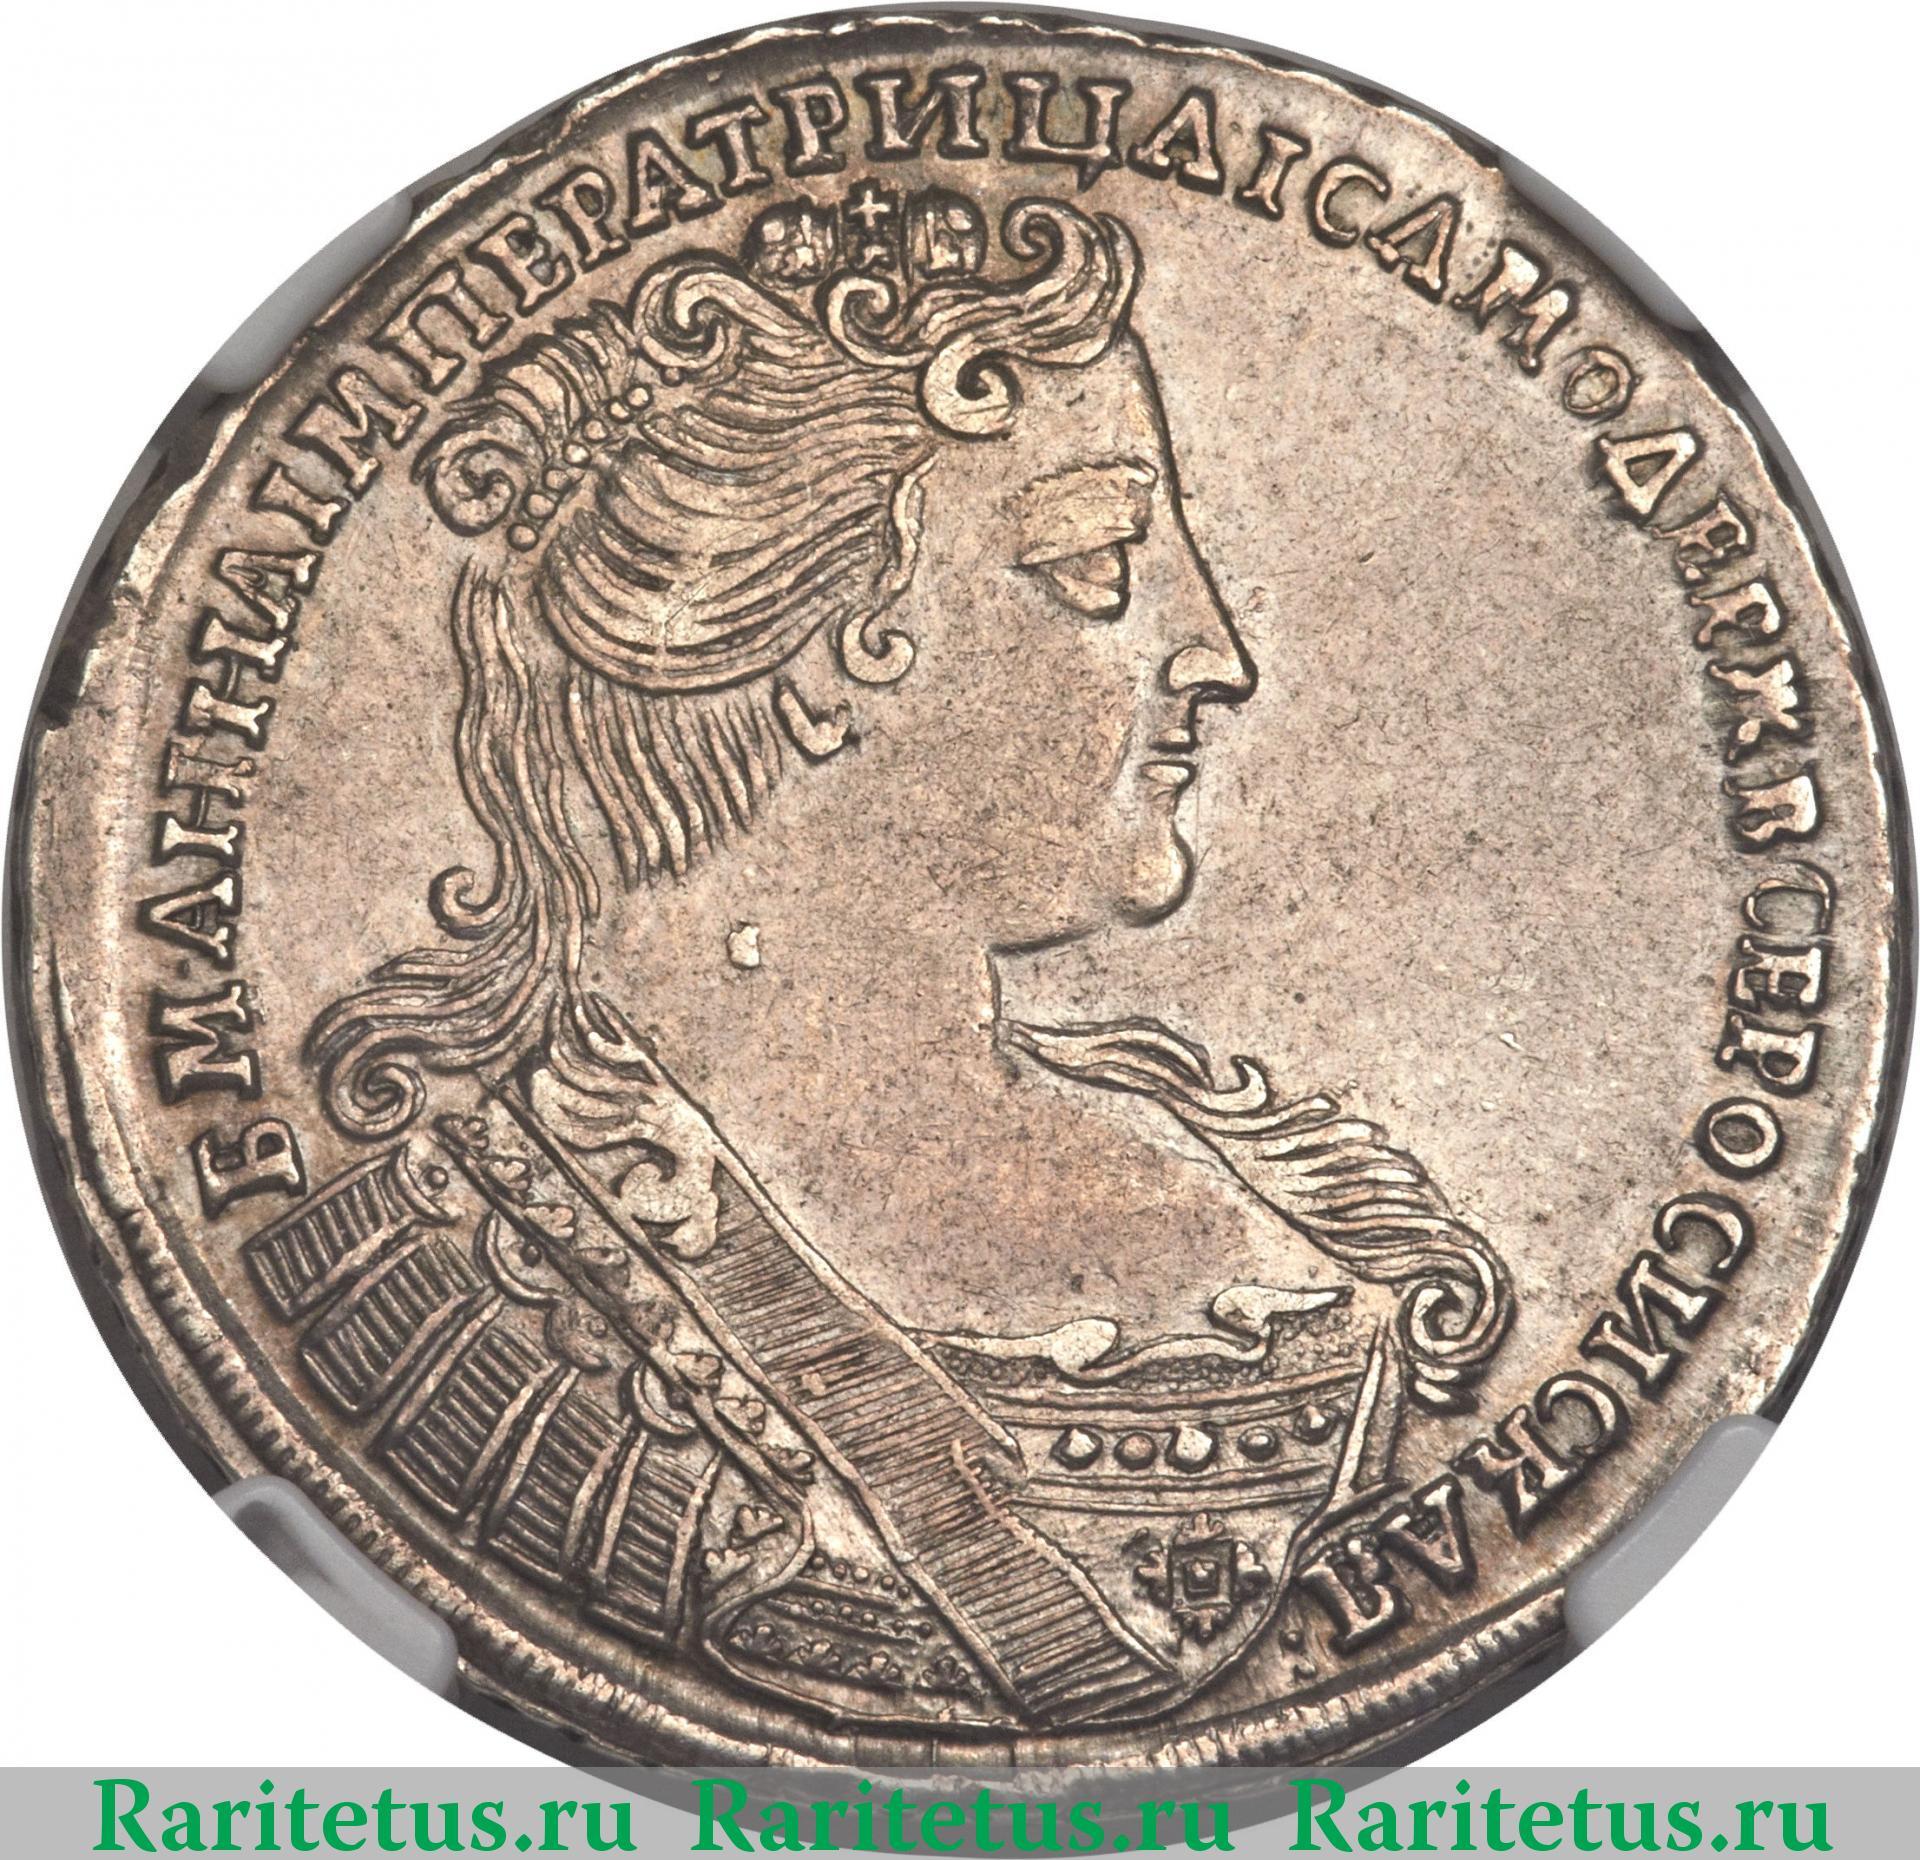 Монета серебряная 1733 альбомы для монет своими руками